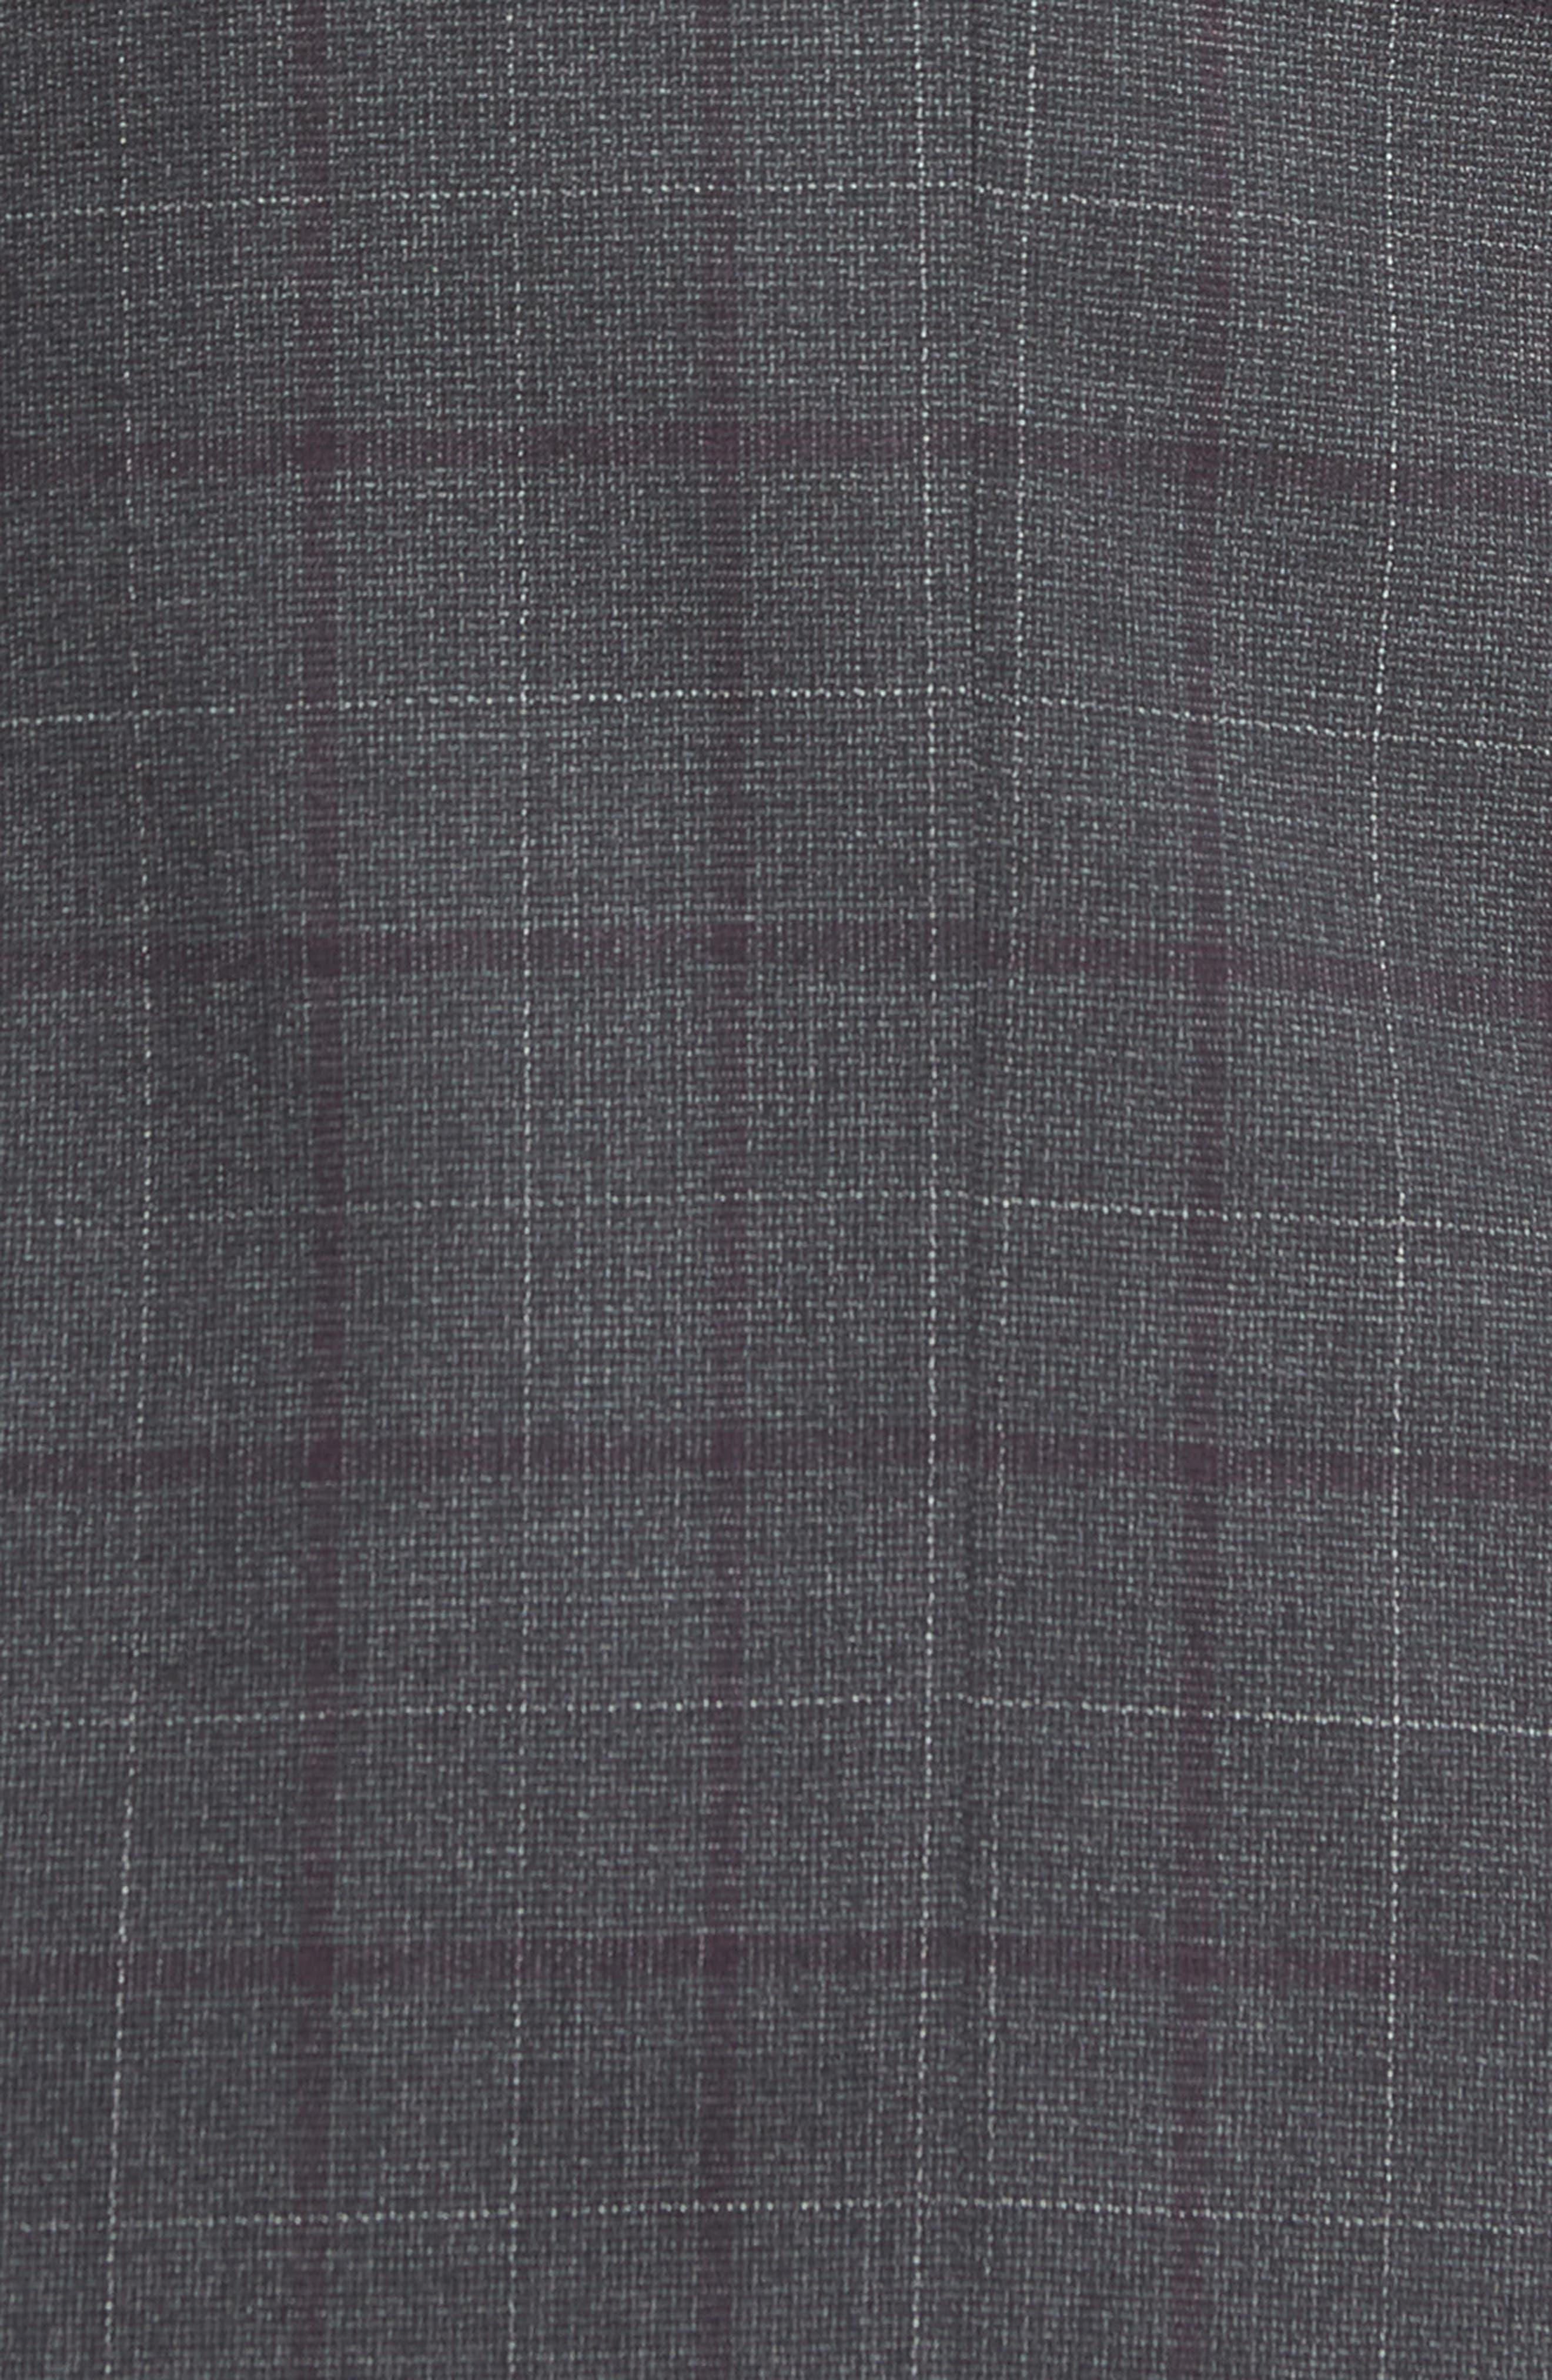 BOSS,                             Novan/Ben Trim Fit Plaid Wool Suit,                             Alternate thumbnail 7, color,                             506